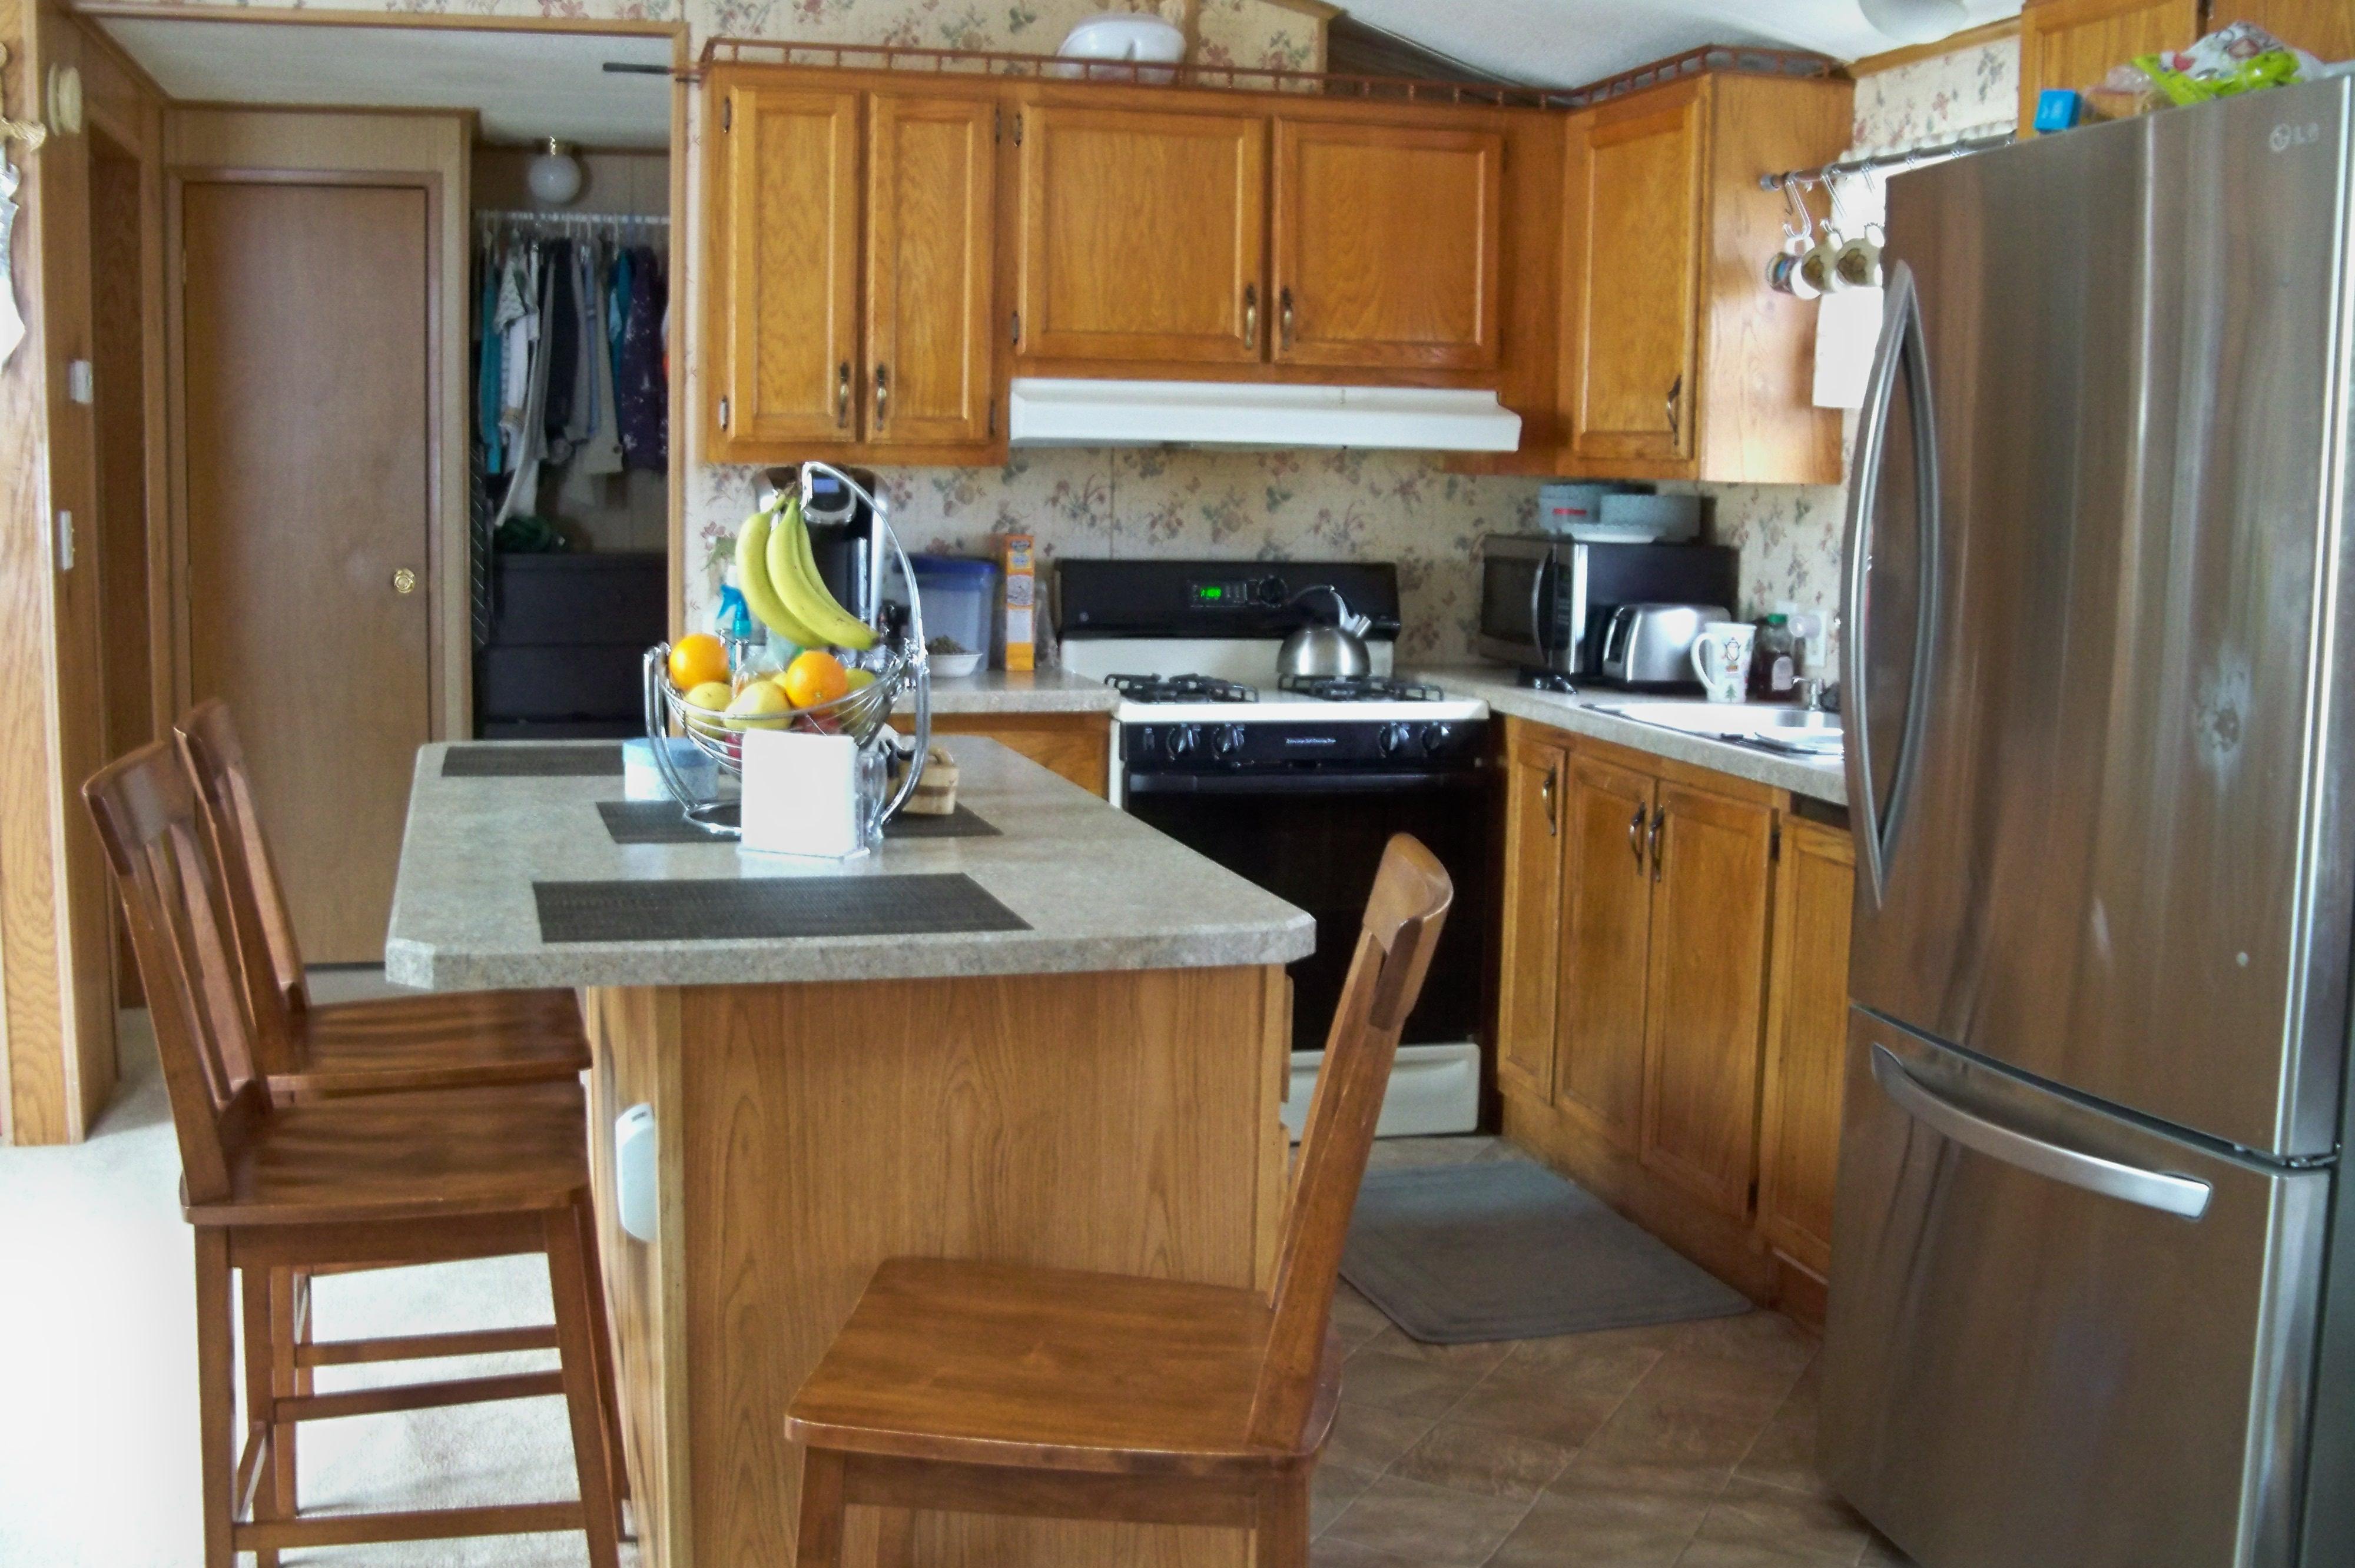 3 Ward Kitchen